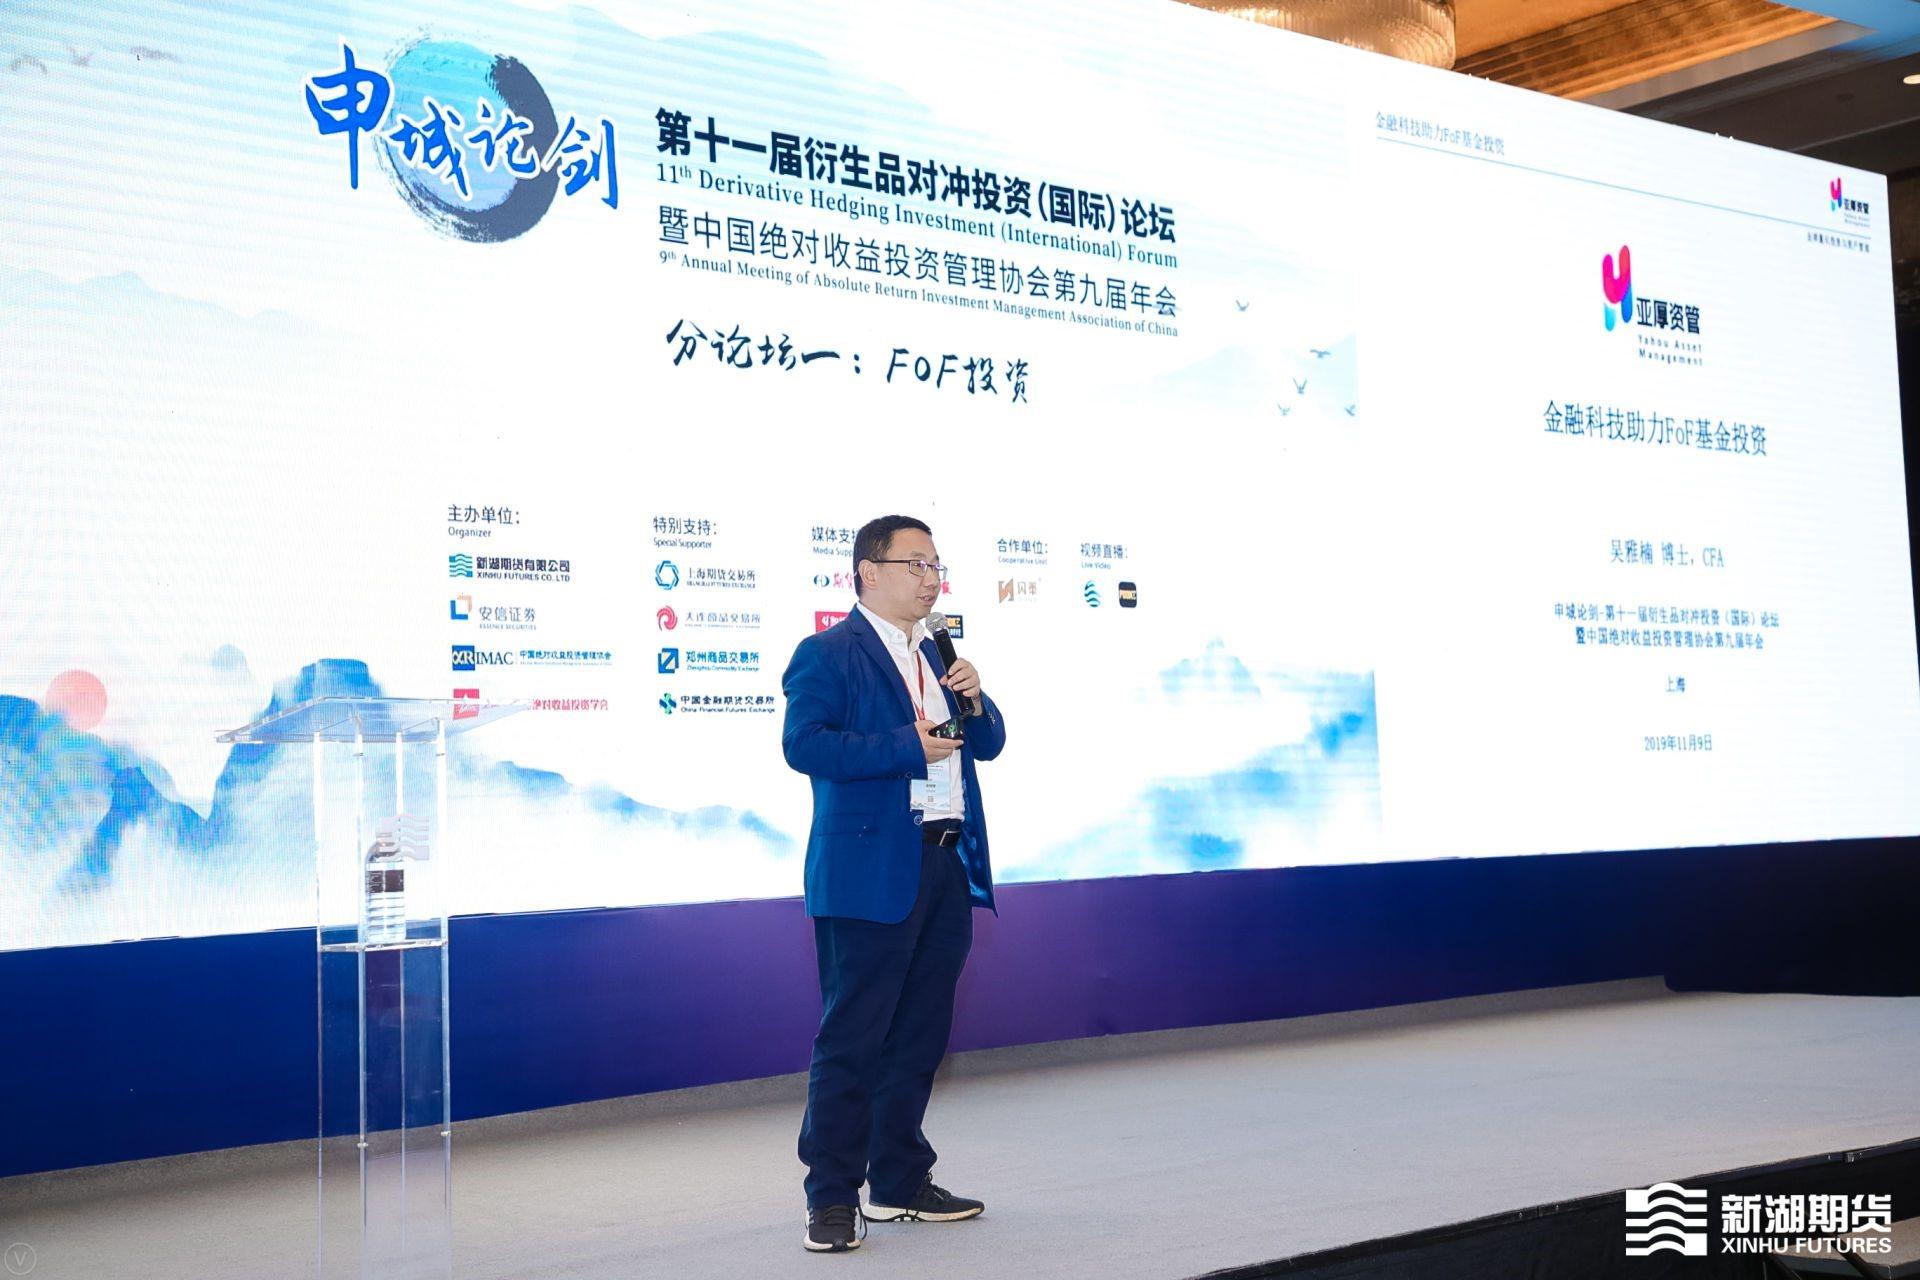 吴雅楠:金融科技助力FOF基金投资